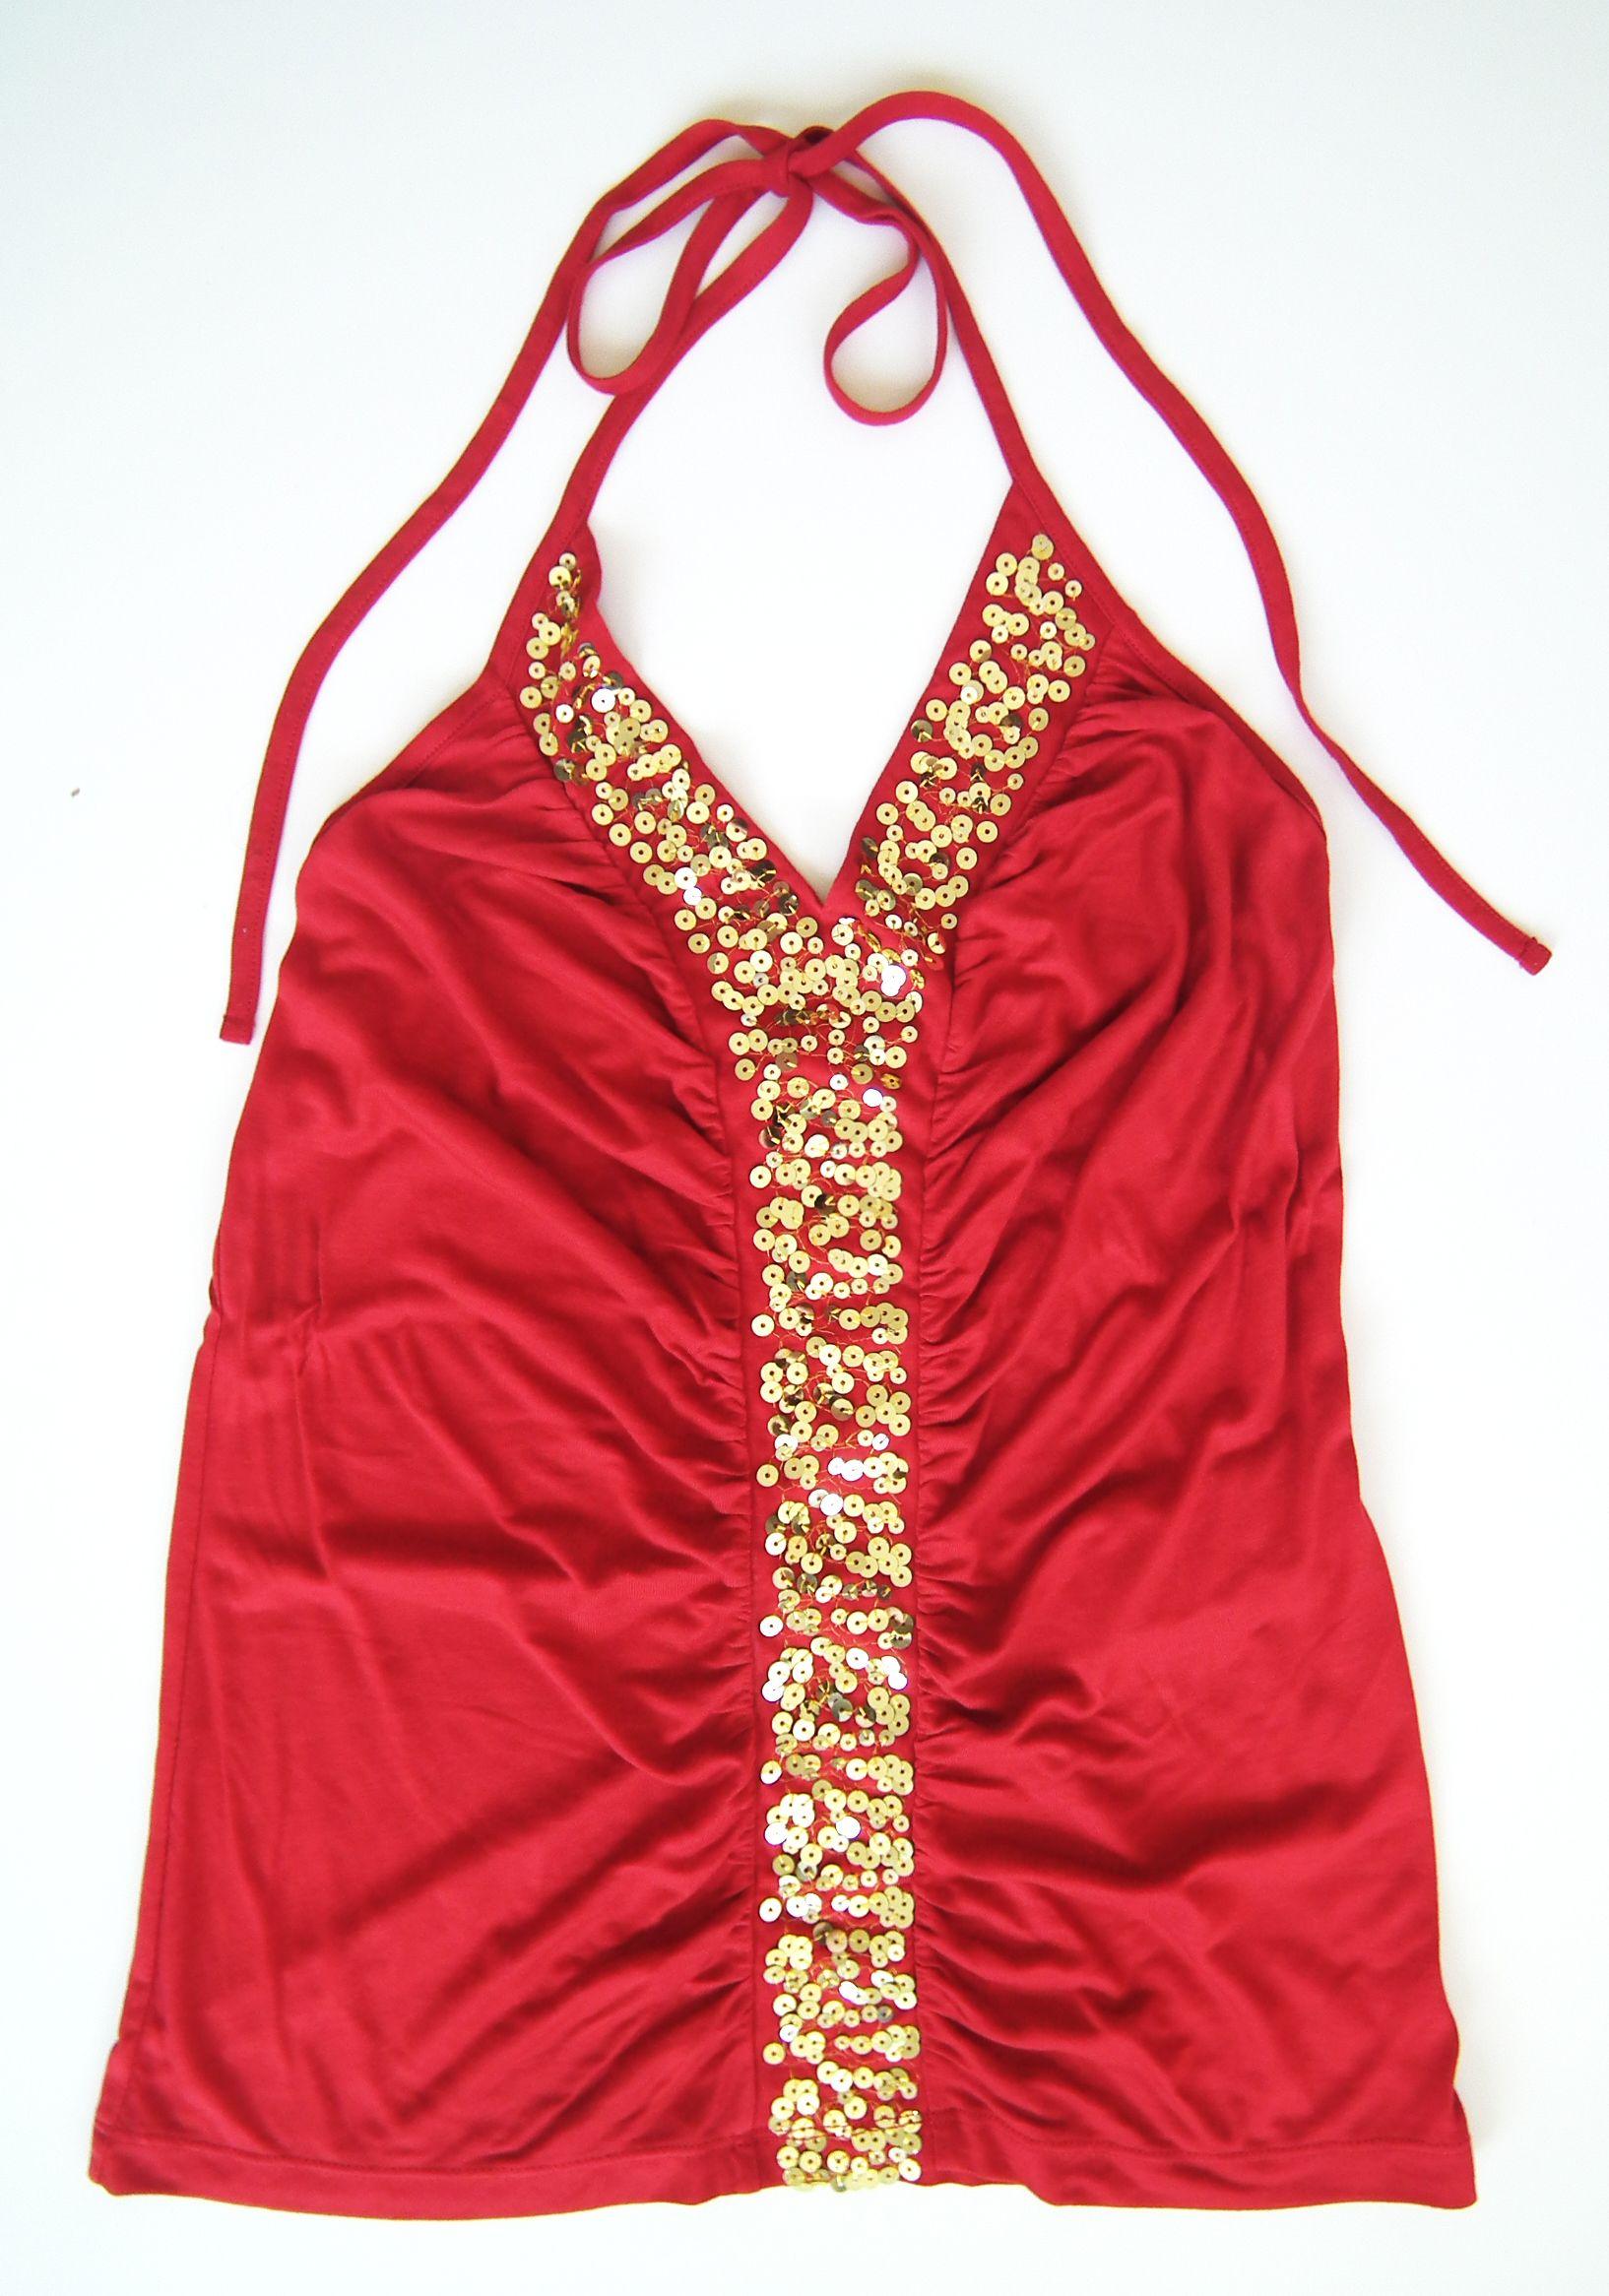 Top vermelho com lantejoulas douradas - Morgan